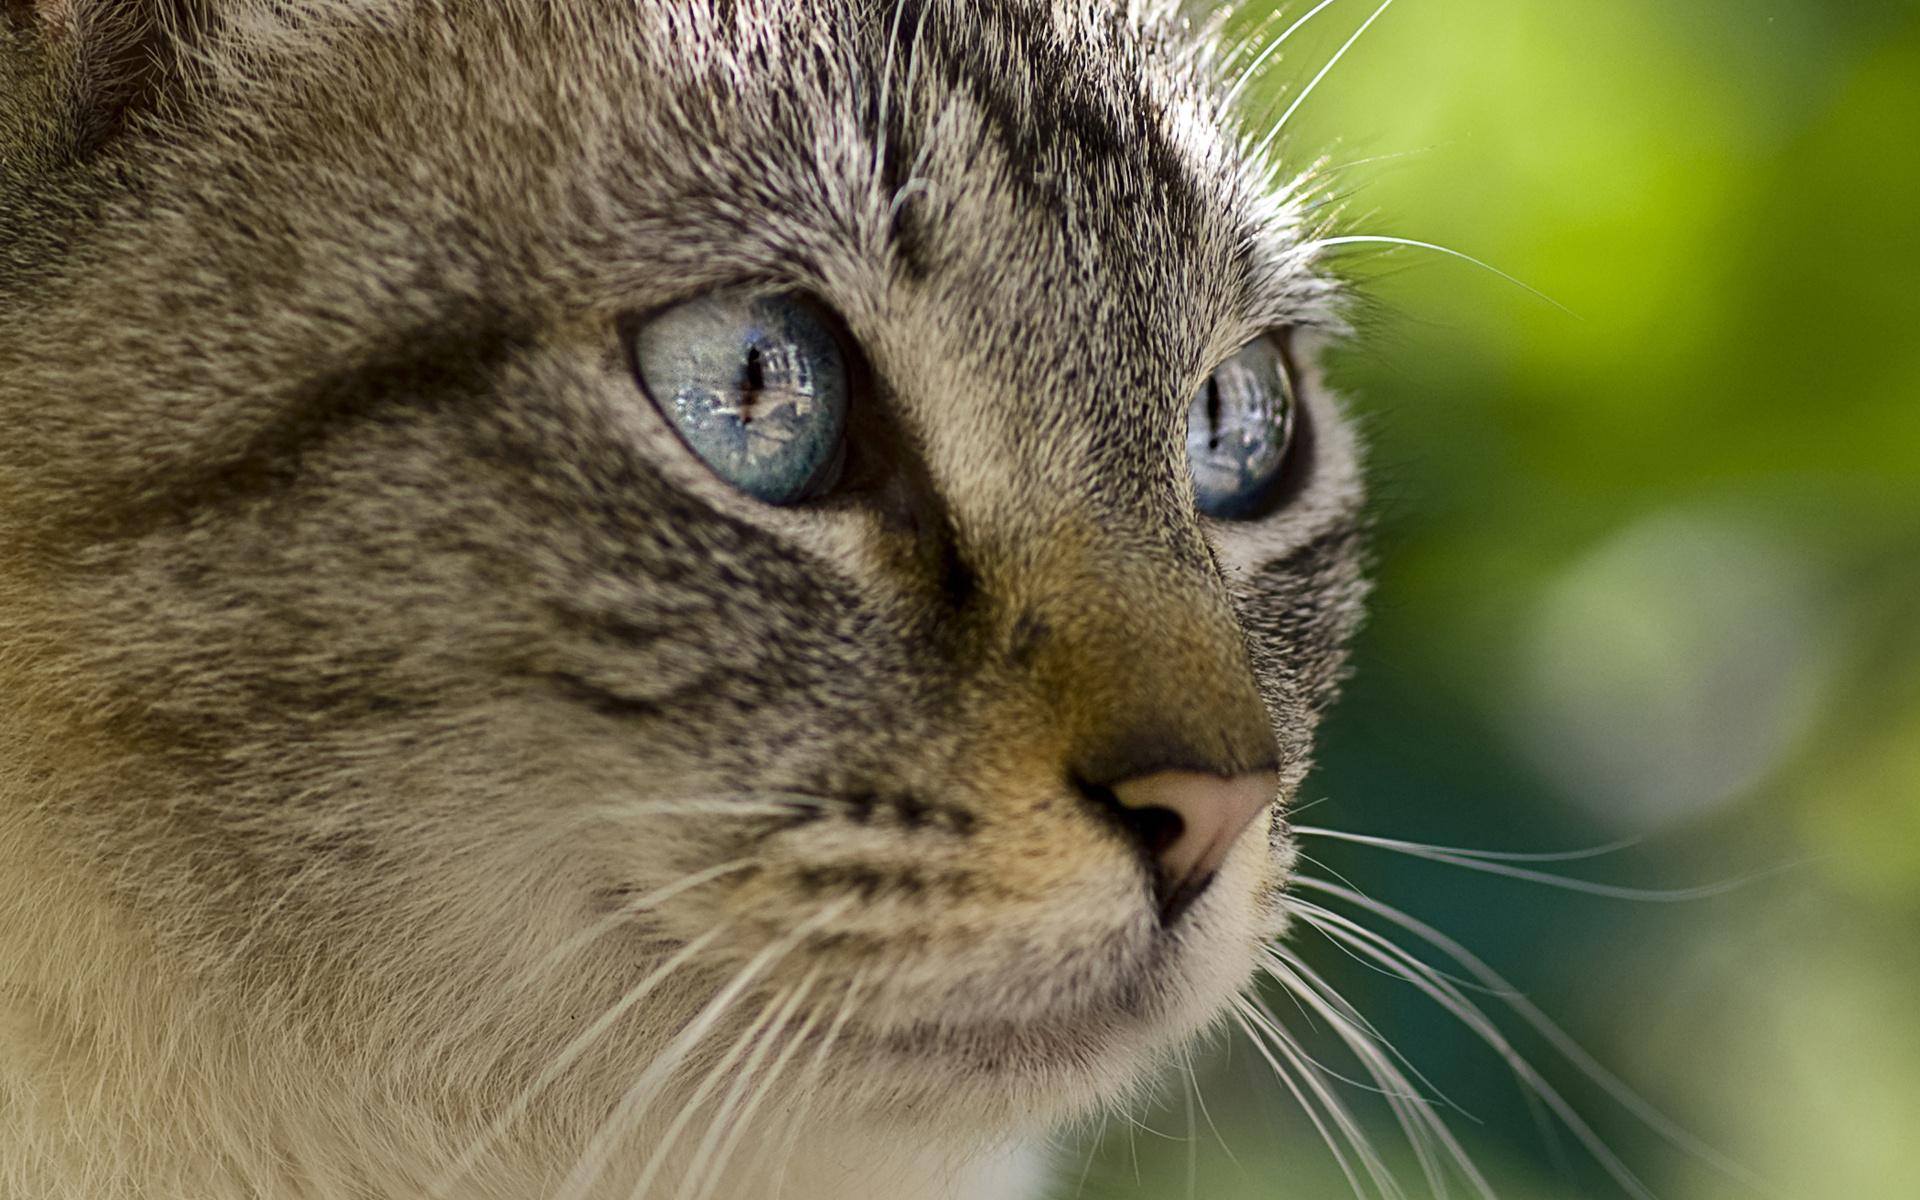 вышли картинки кошачьего взгляда нас можете